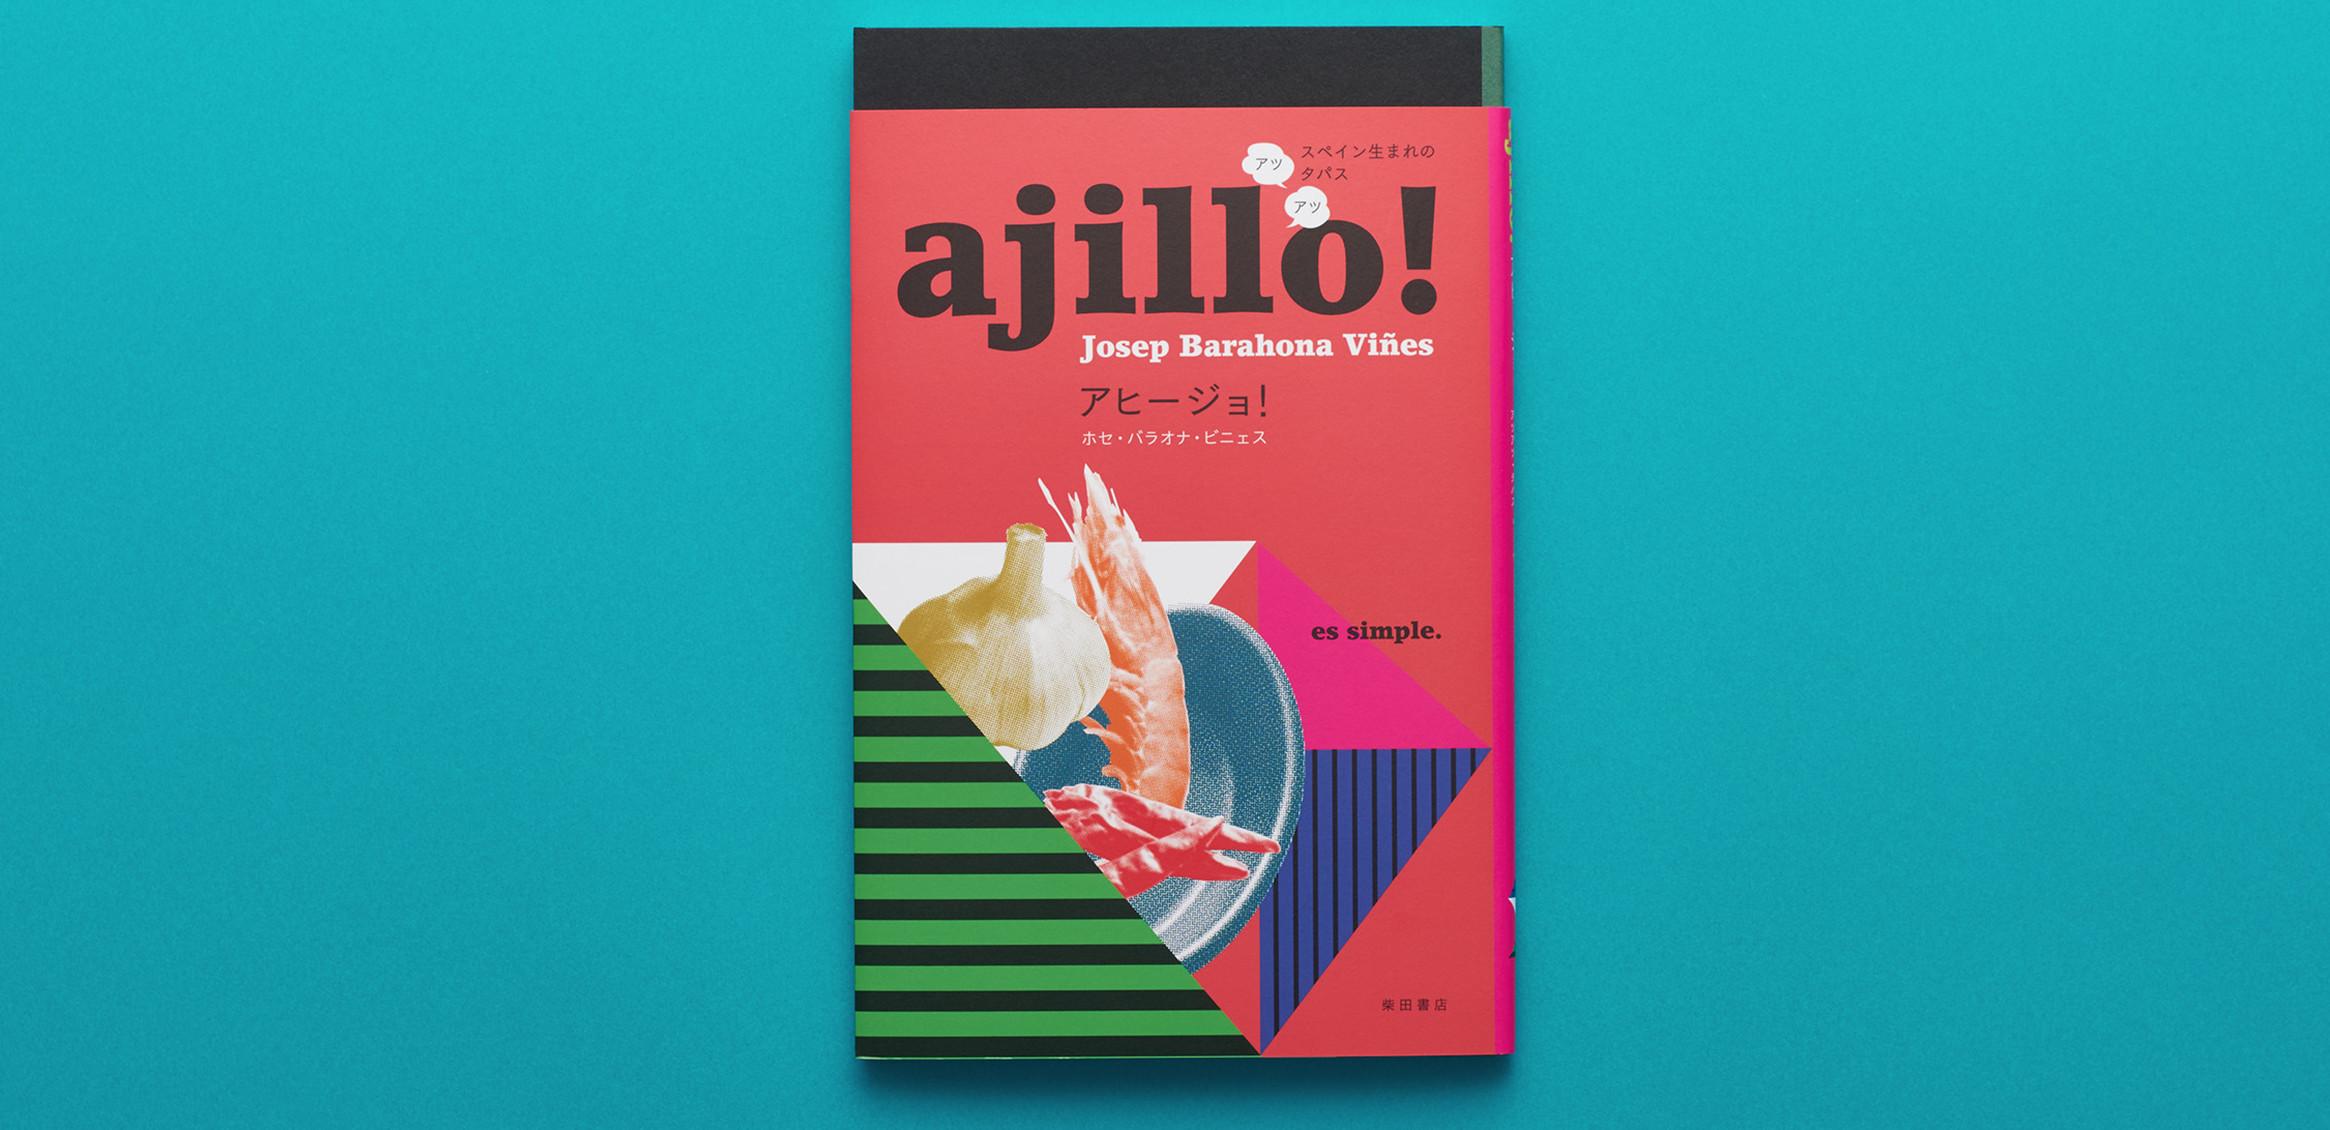 ajillo! -アヒージョ! - スペイン生まれのアツアツ・タパス0枚目